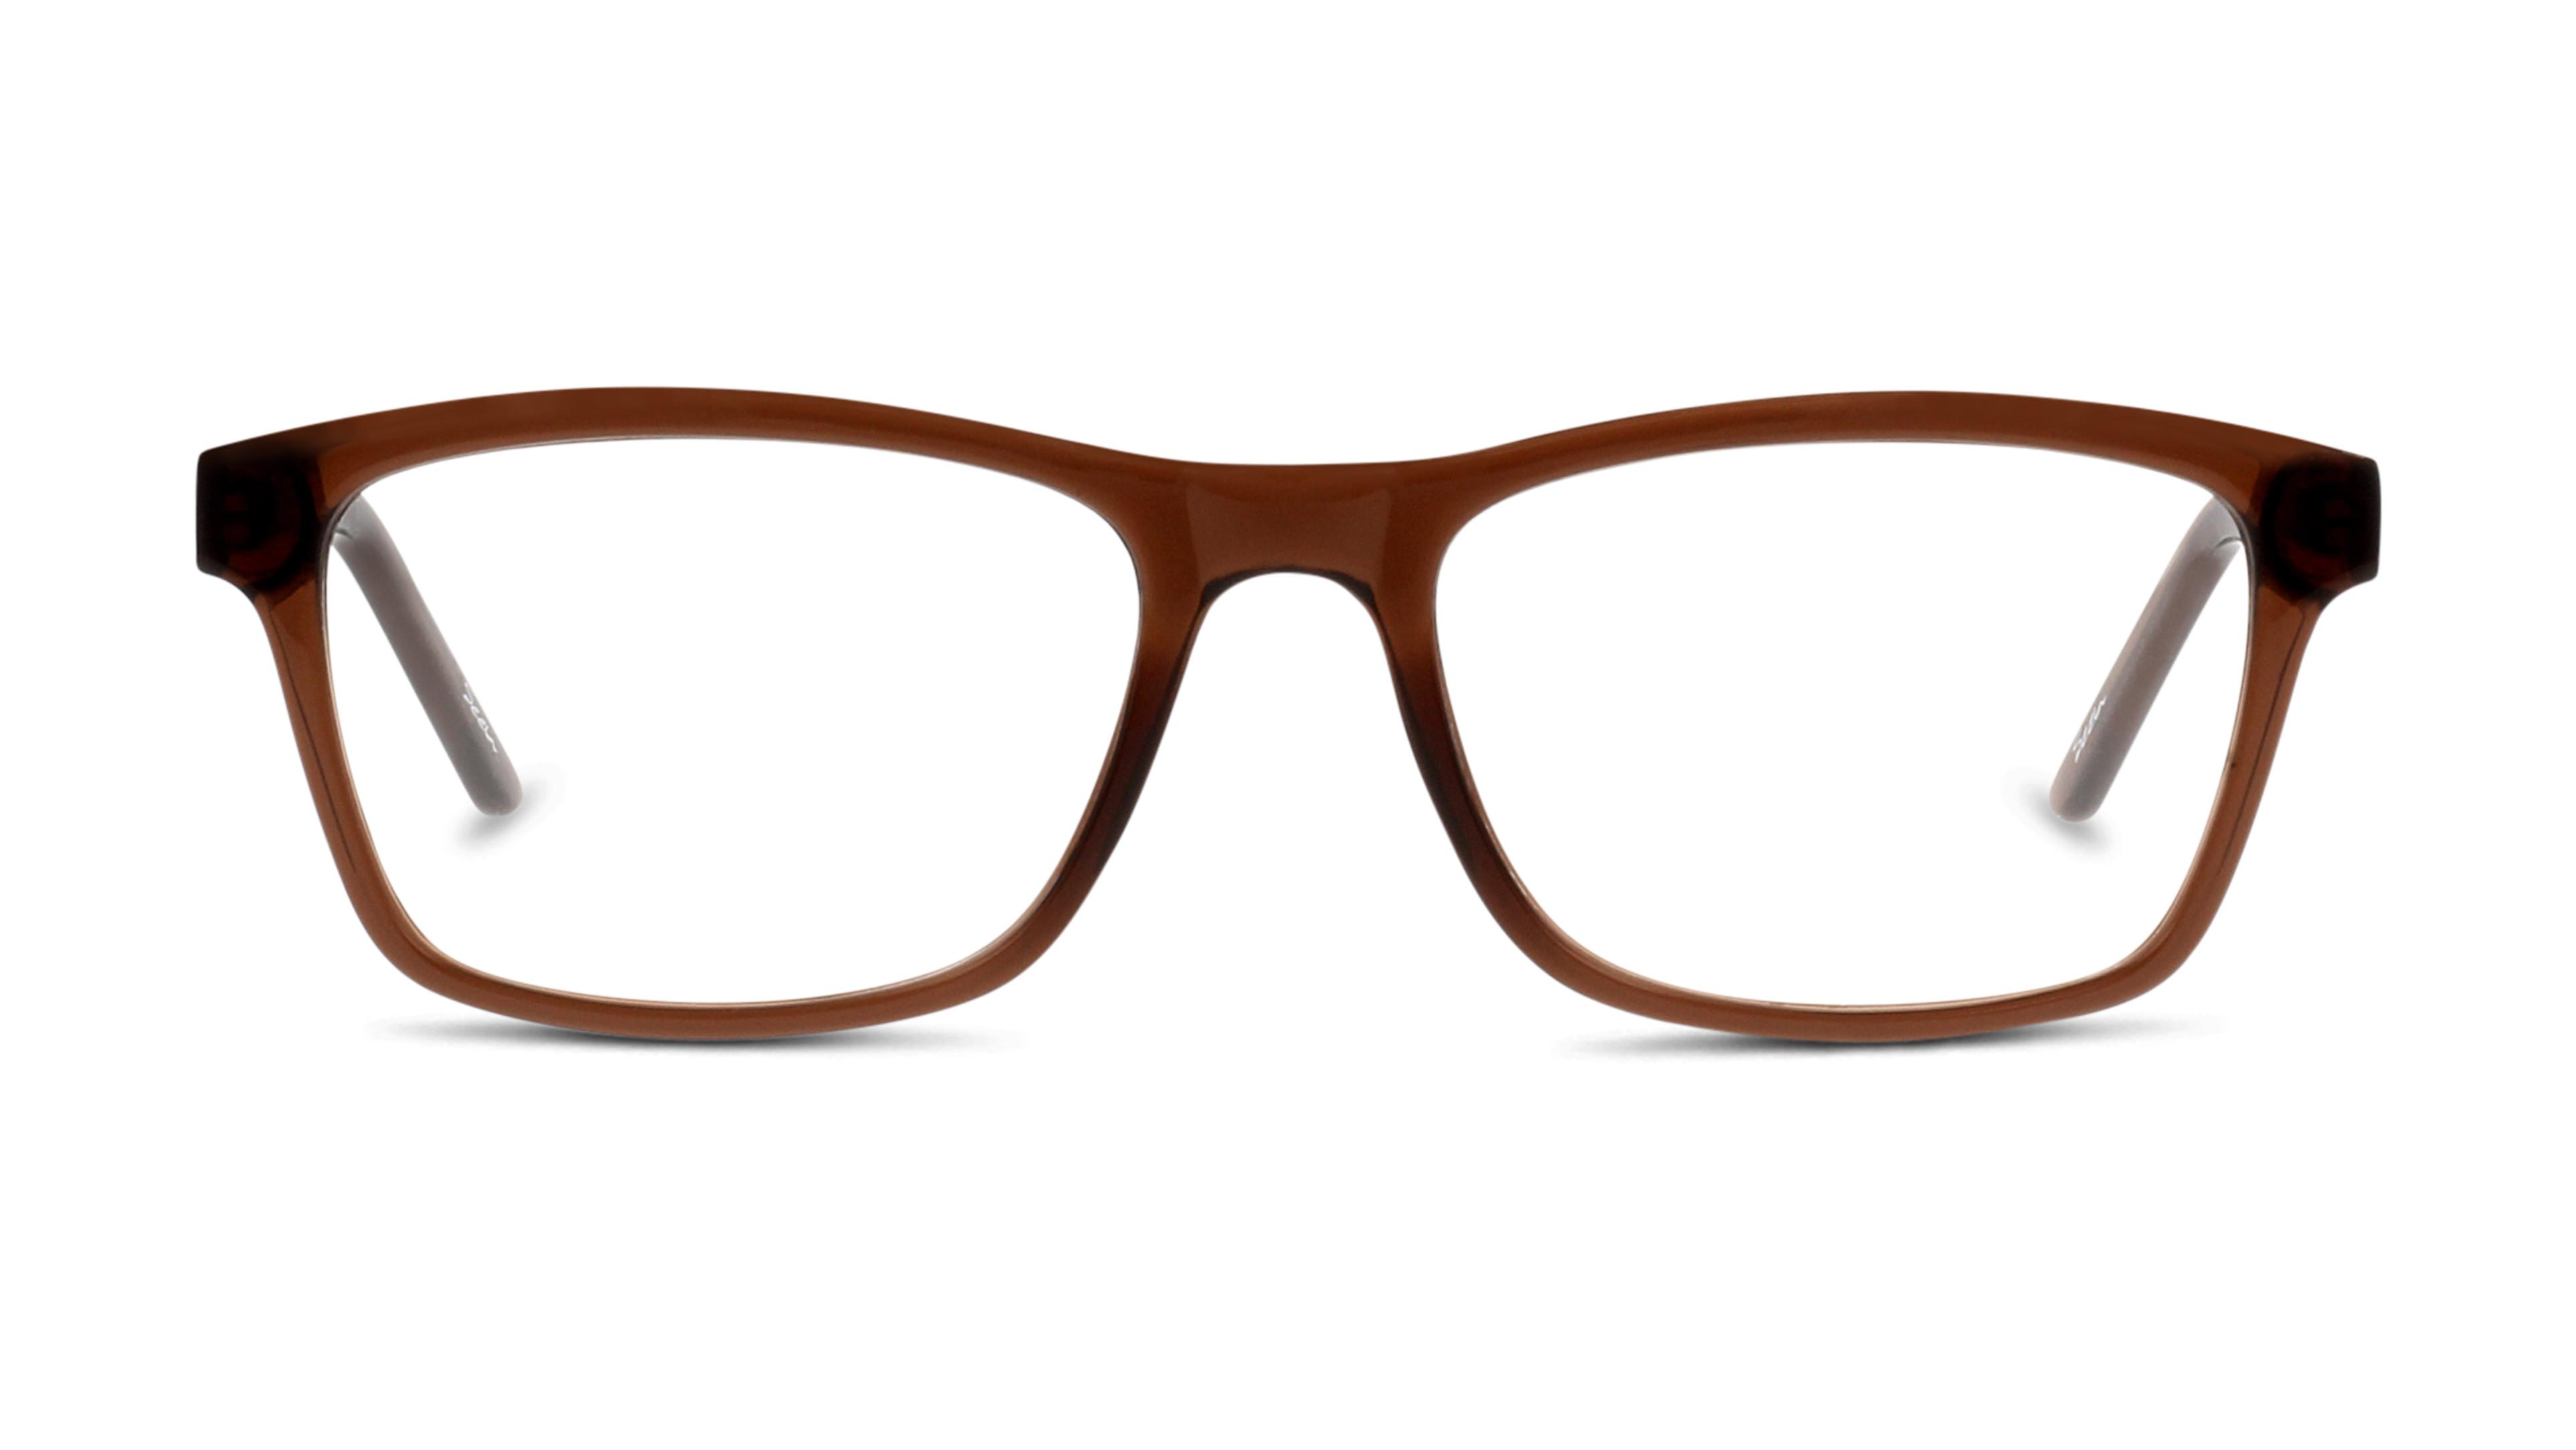 8719154596025-front-01-seen-sncm11-eyewear-brown-brown